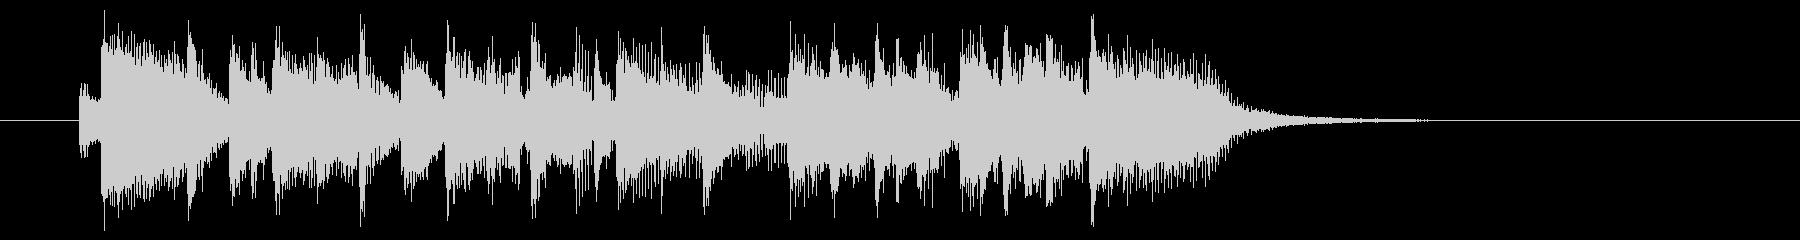 スピーディーでクールなシンセジングルの未再生の波形